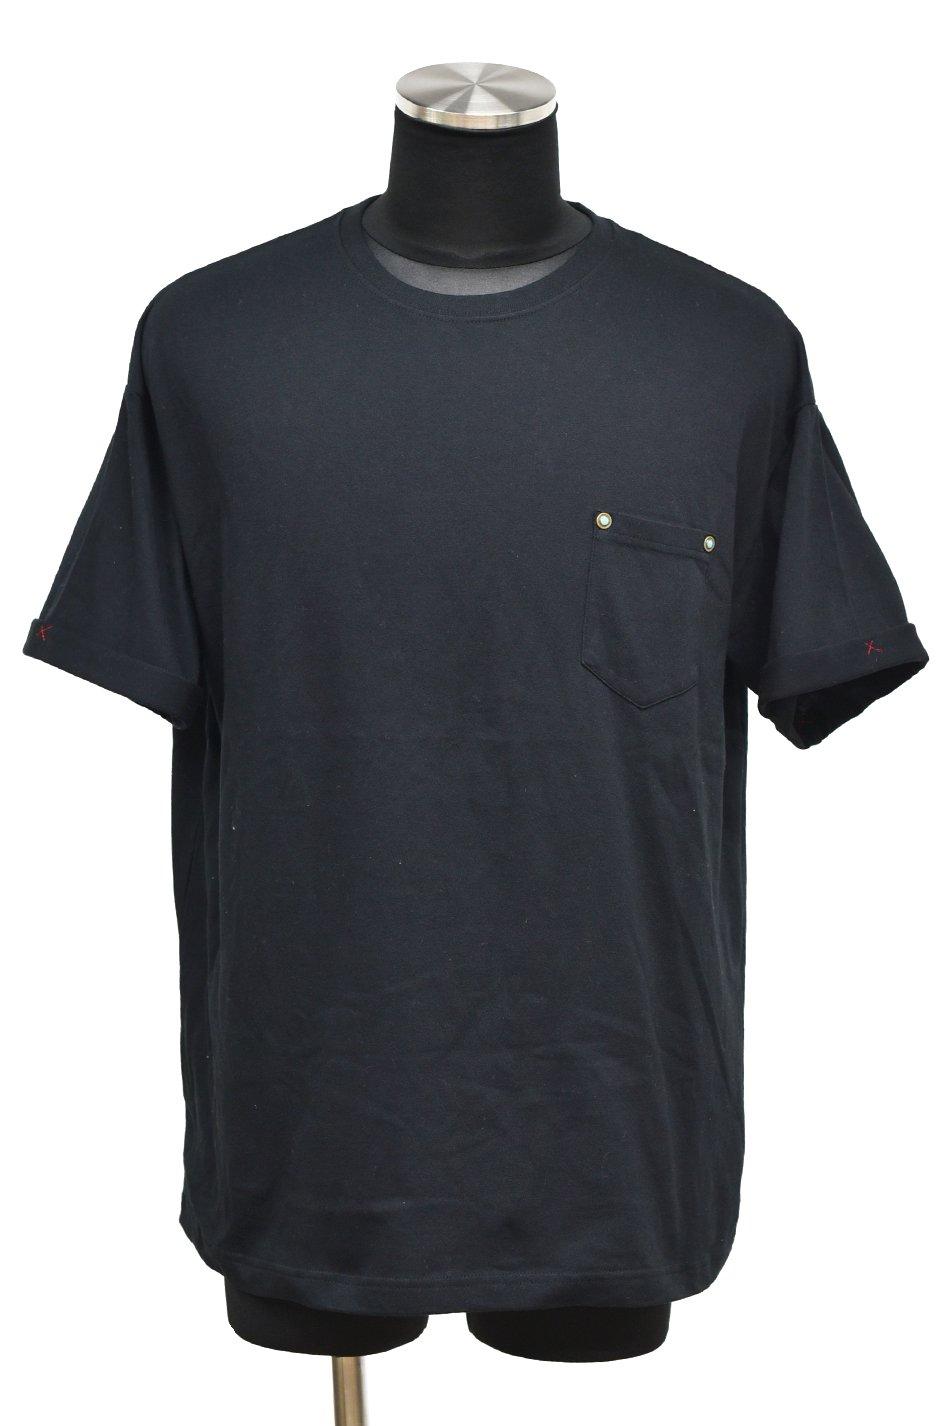 10%off! 【T-Shirt FES】BURNOUT(バーンアウト)ポケット付きビッグTシャツ / ブラック